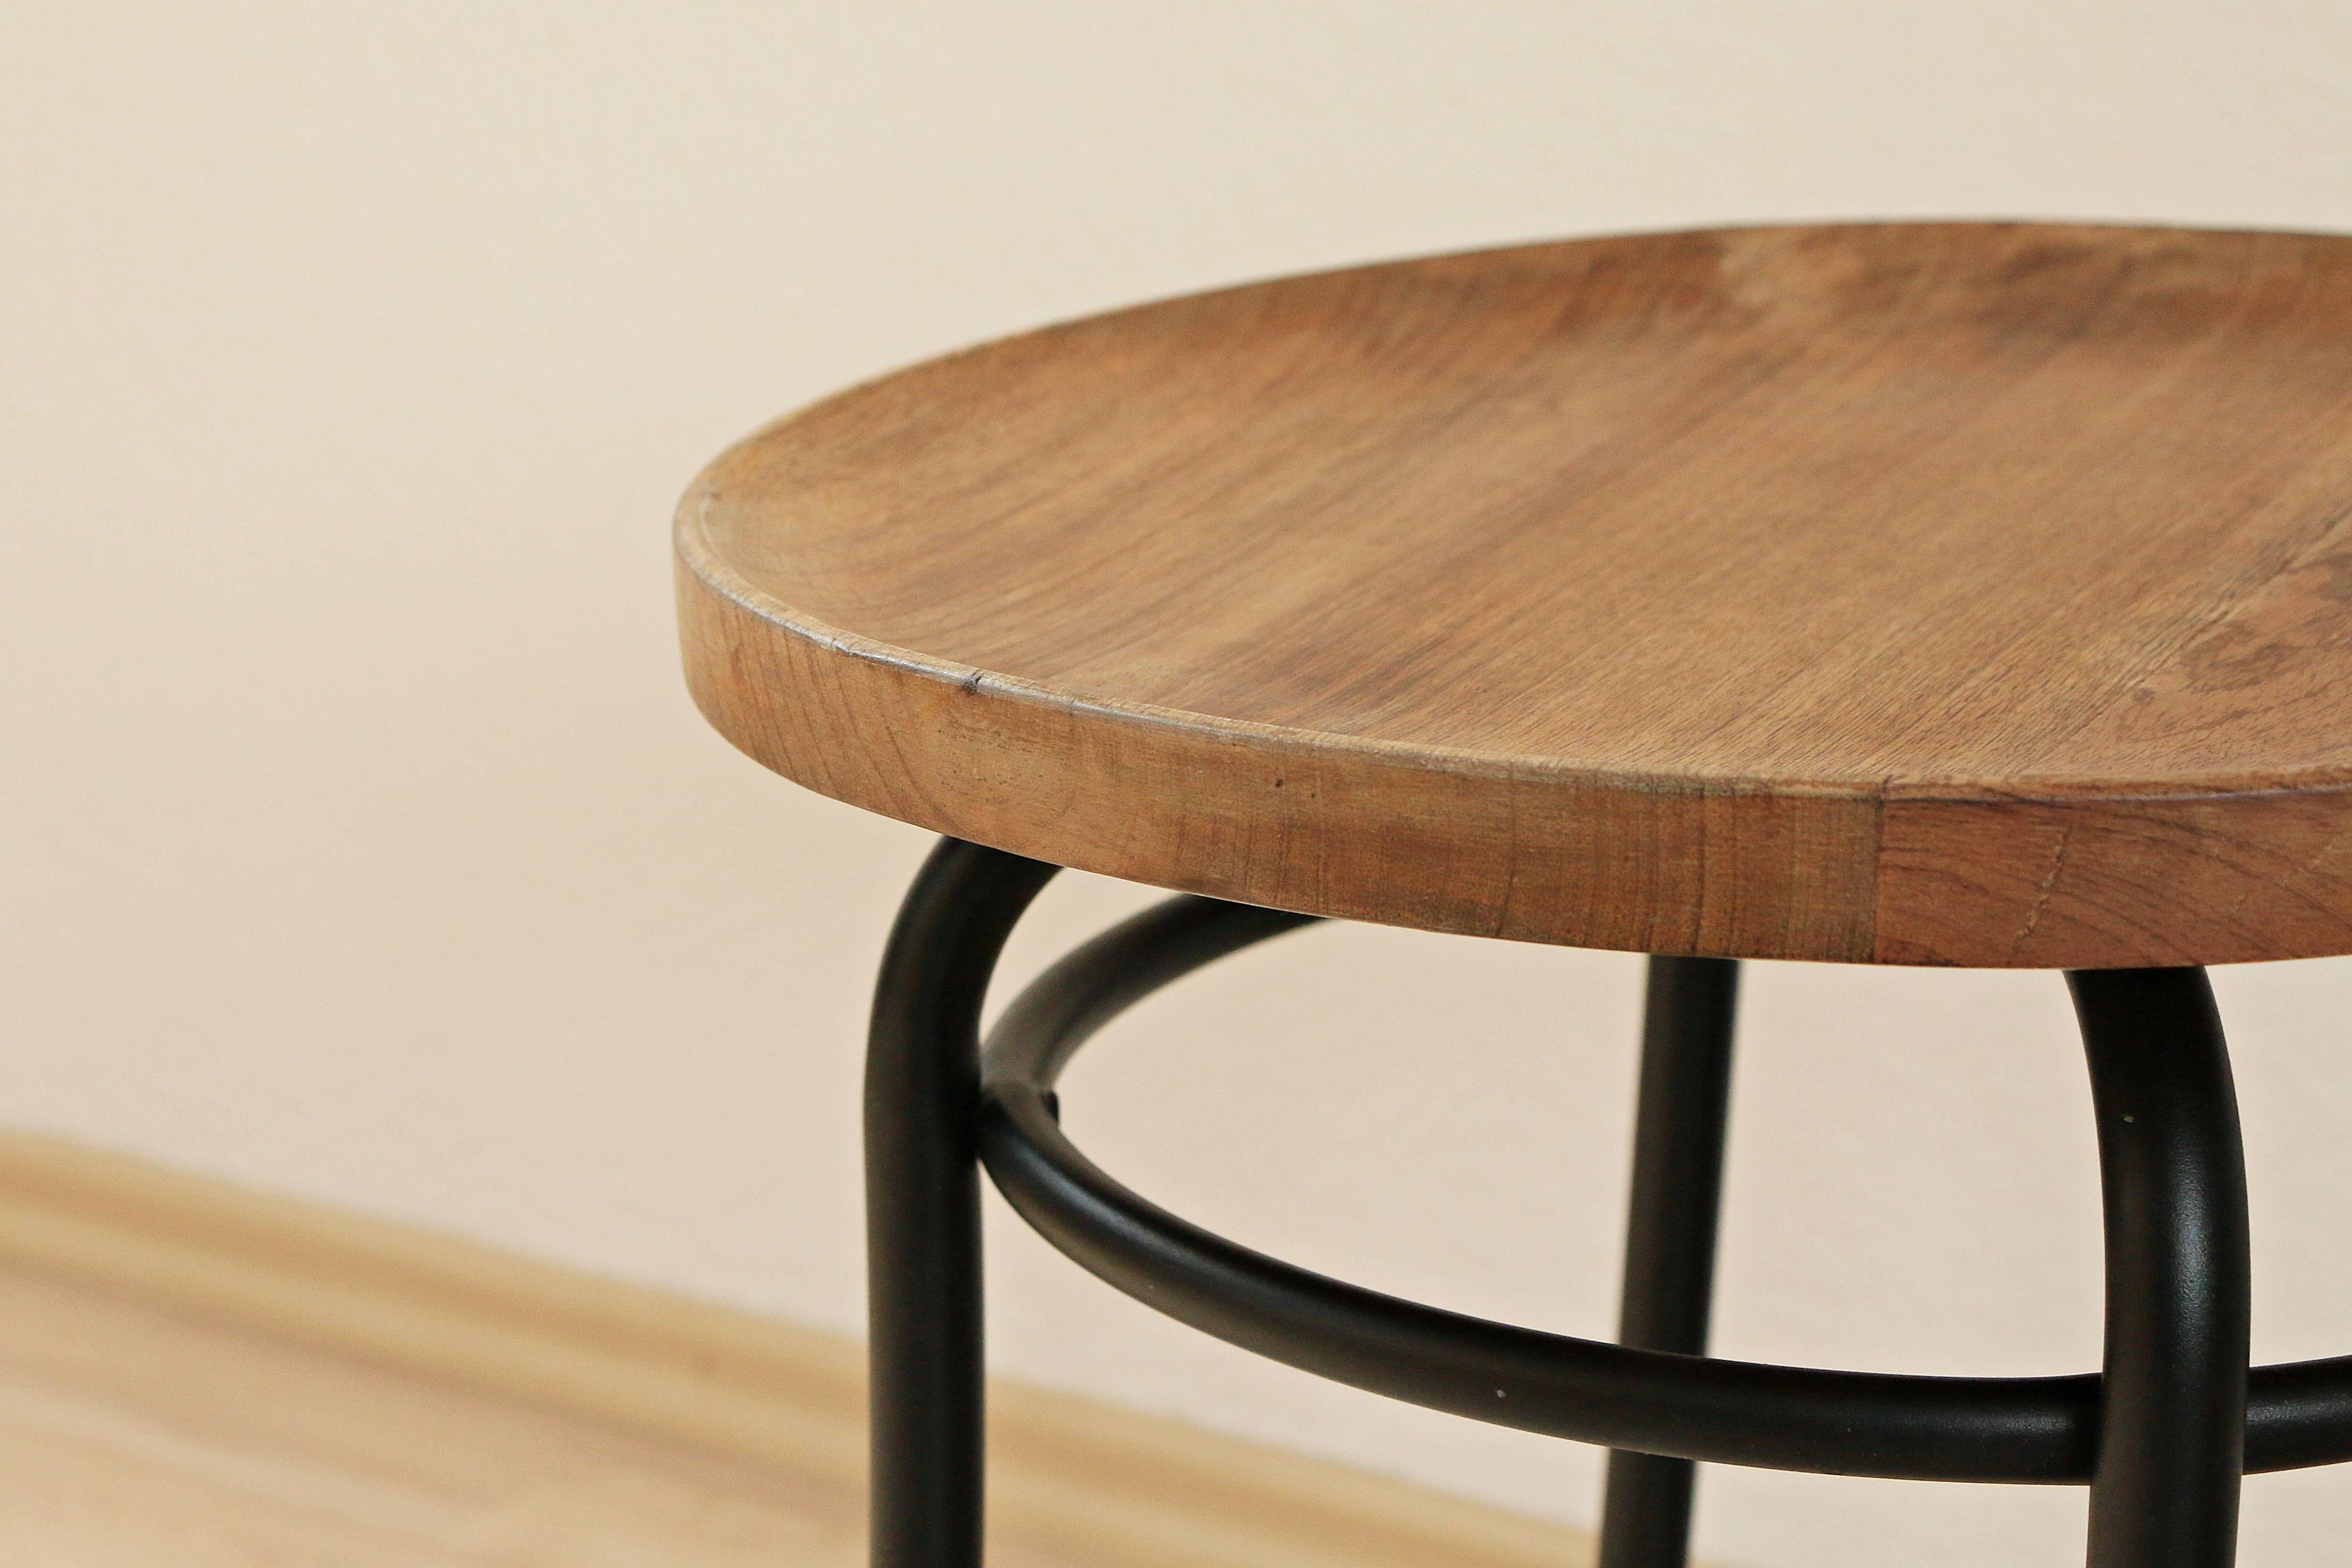 hocker mit tablett lederhocker ii leder hocker mit tablett with hocker mit tablett latest luna. Black Bedroom Furniture Sets. Home Design Ideas